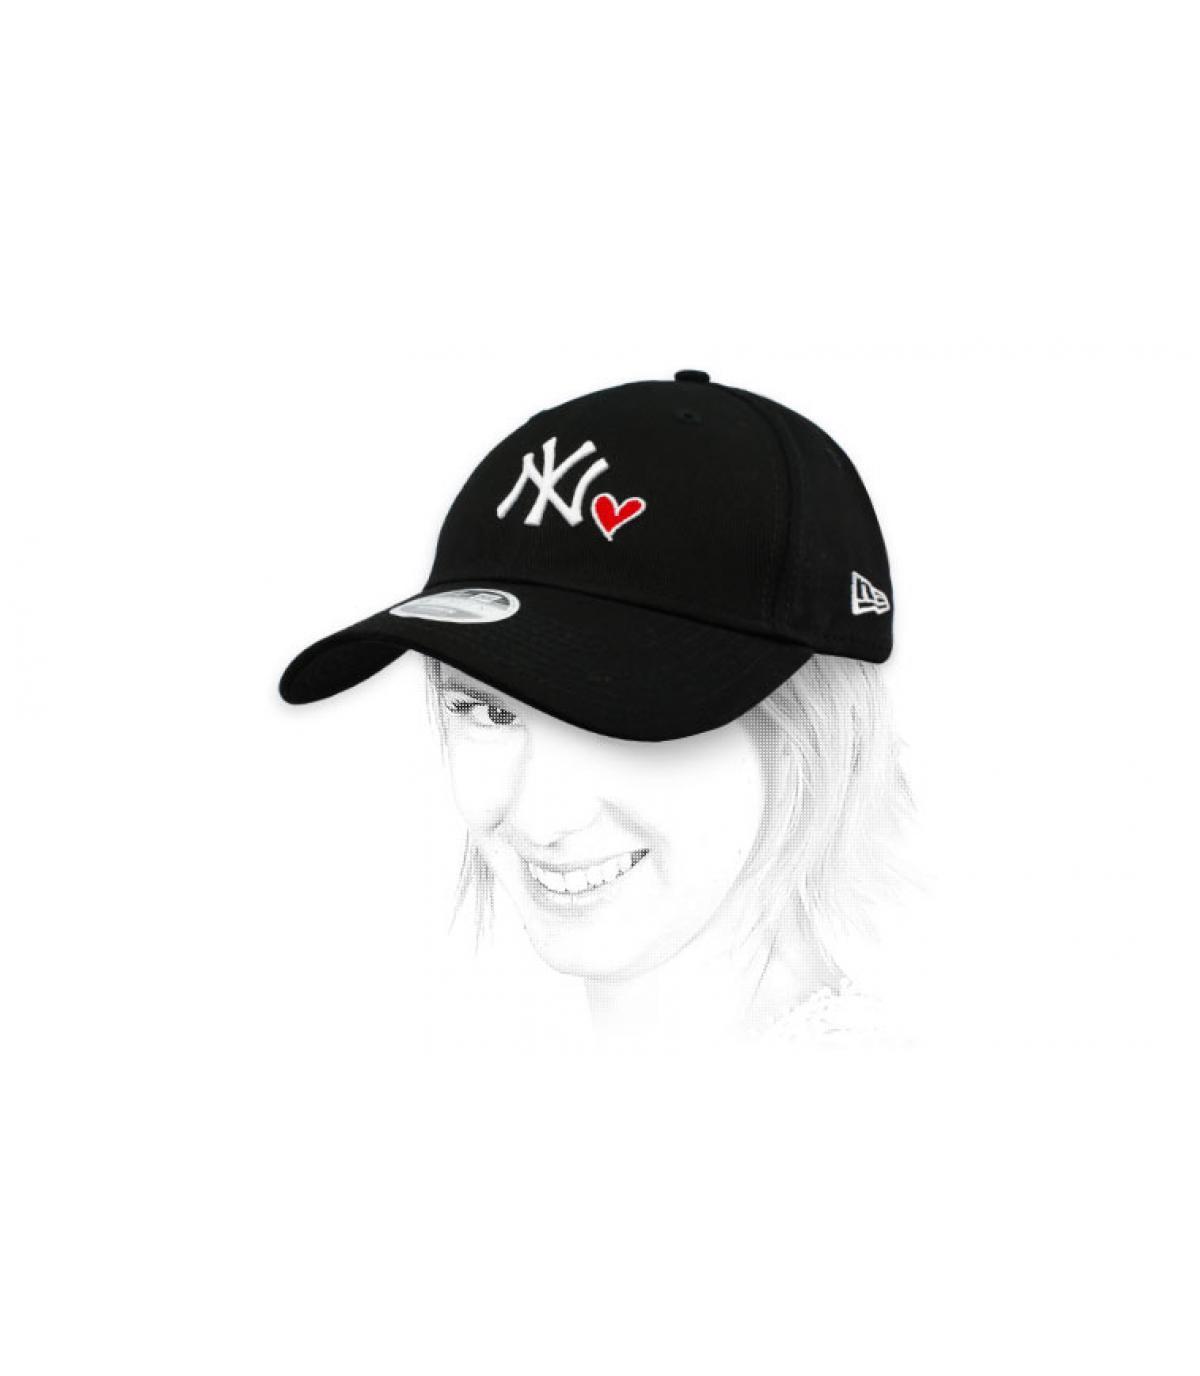 b78c4b756b0f3 Gorra mujer - Compra venta de Gorras mujer. Primera sombrerería en ...